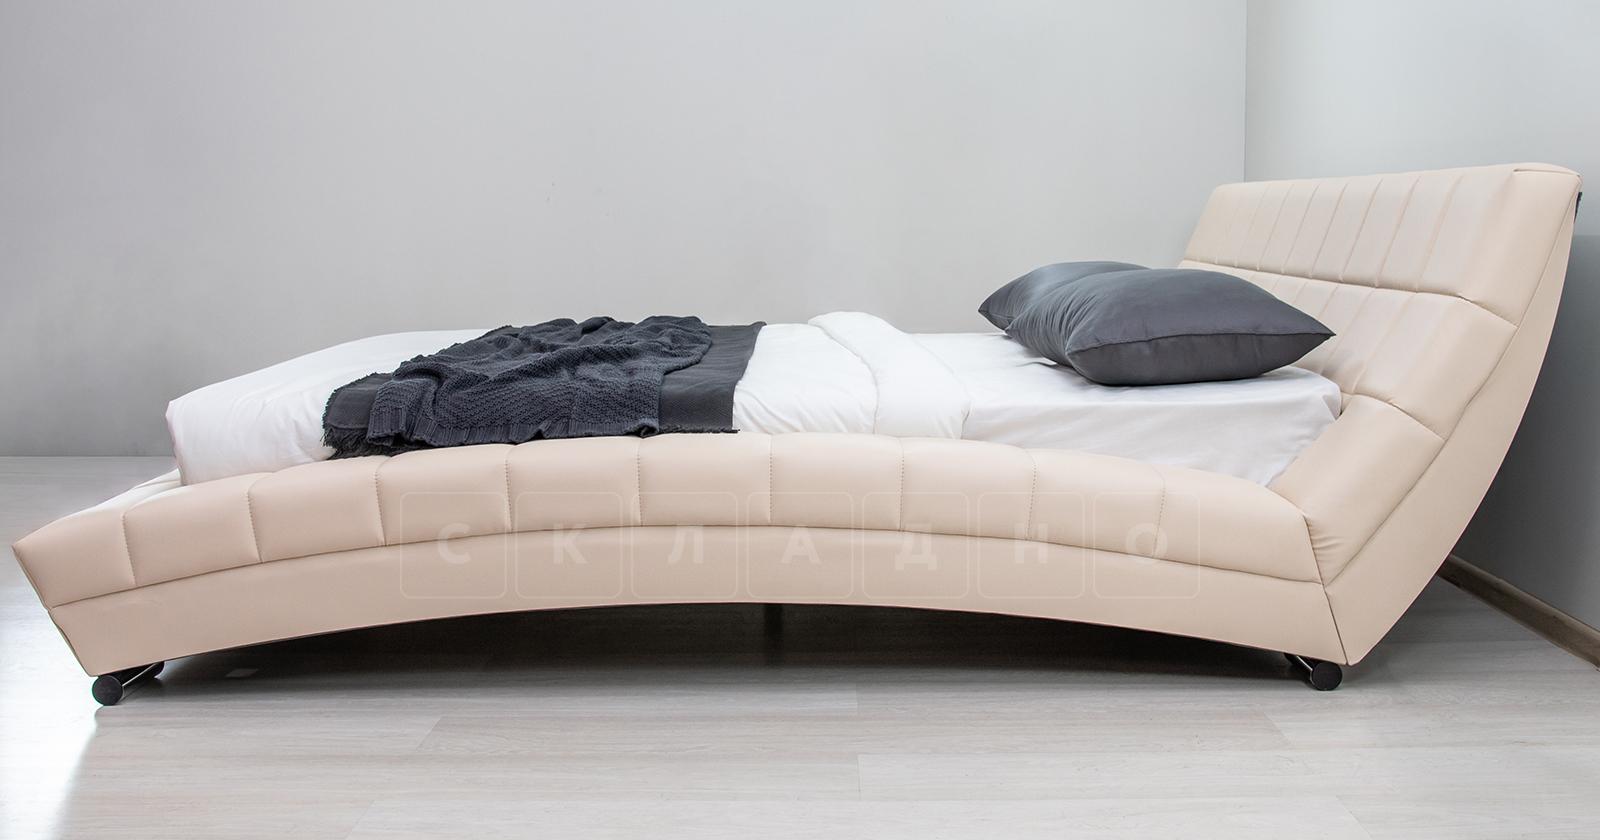 Мягкая кровать Оливия 160 см экокожа бежевый фото 11   интернет-магазин Складно